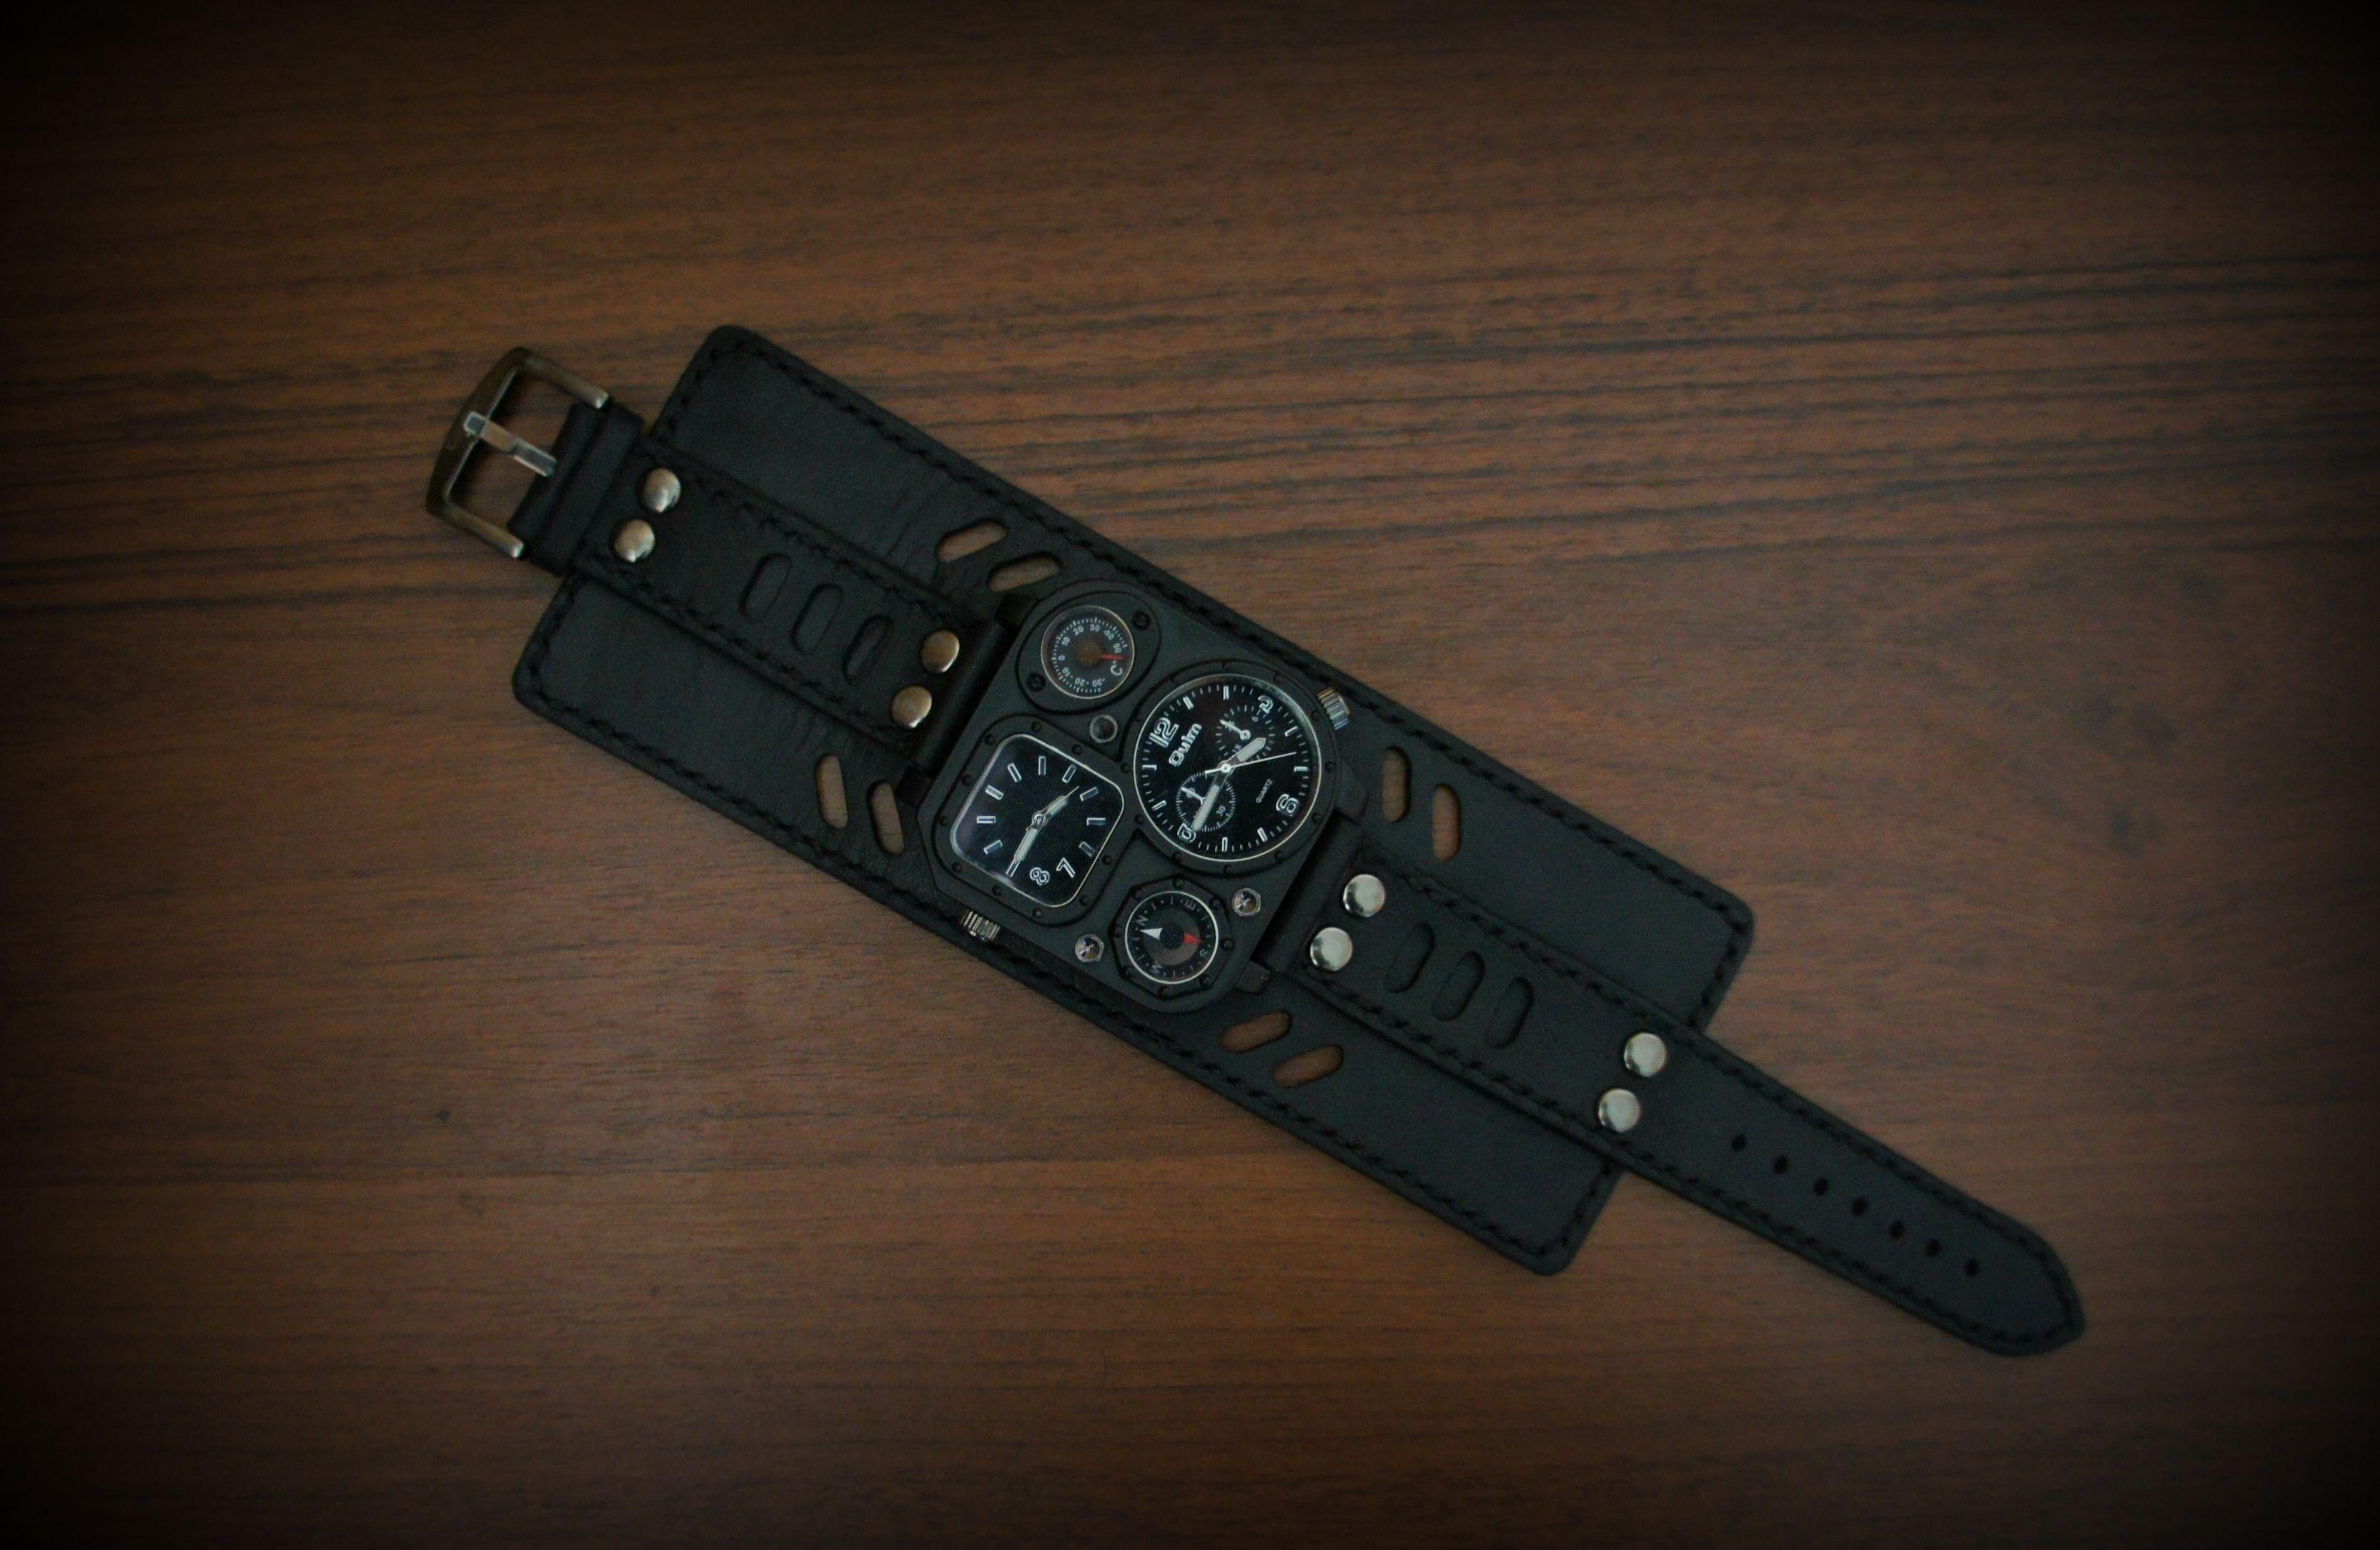 купитьвмоскве часымужские браслетизкожи часынаширокомремешке часынаручныекупить часынаручные подарокмужчине часынаширокомбраслете часы кожа москва натуральнаякожа подарок